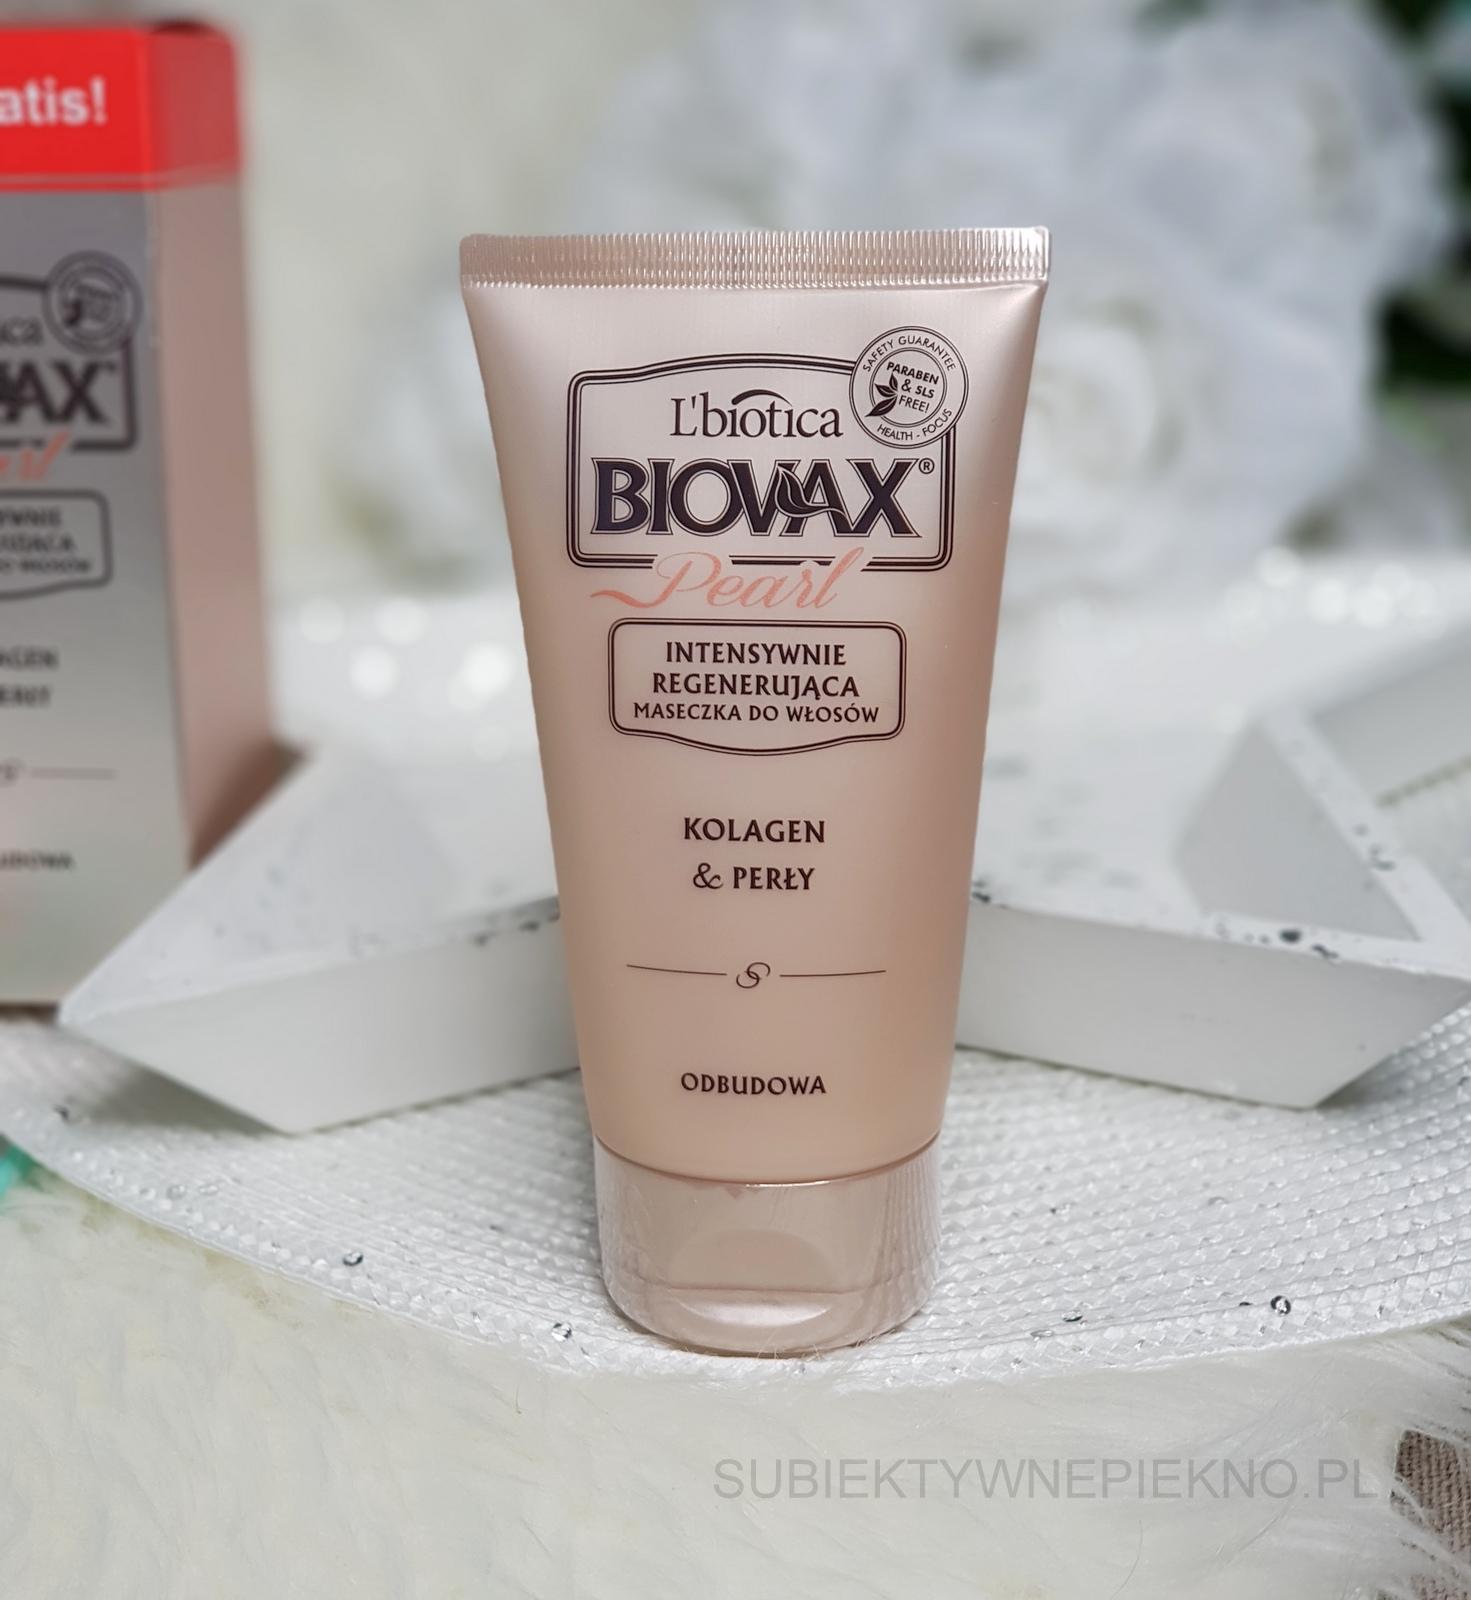 Intensywnie regenerująca maseczka do włosów L'Biotica Biovax Pearl Kolagen i perły - blog, opinie